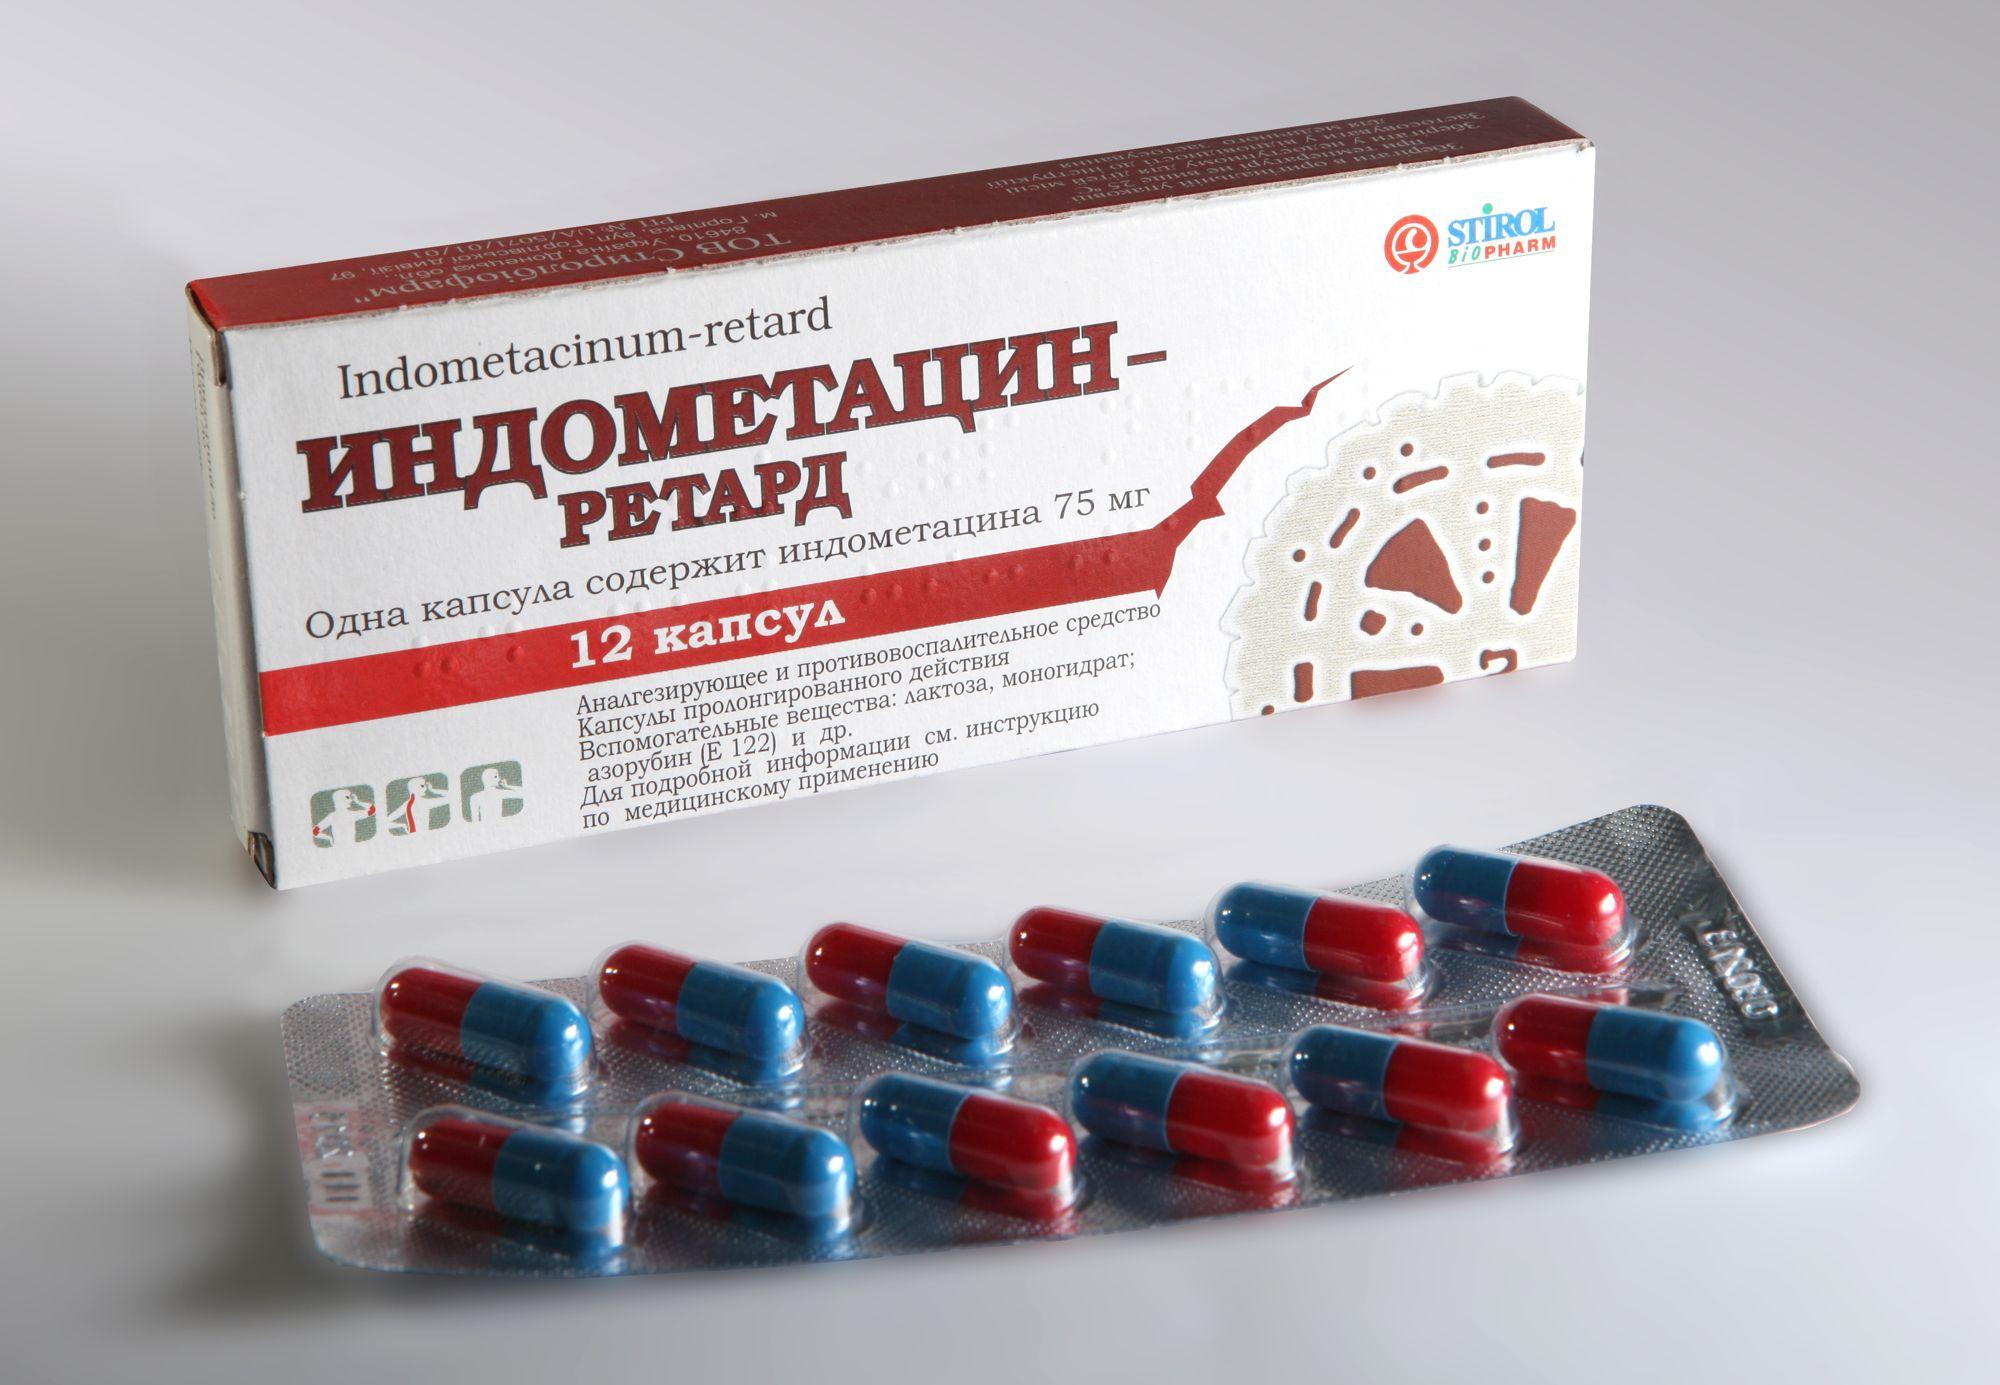 Взаимодействие Лотензина с лекарствами и алкоголем